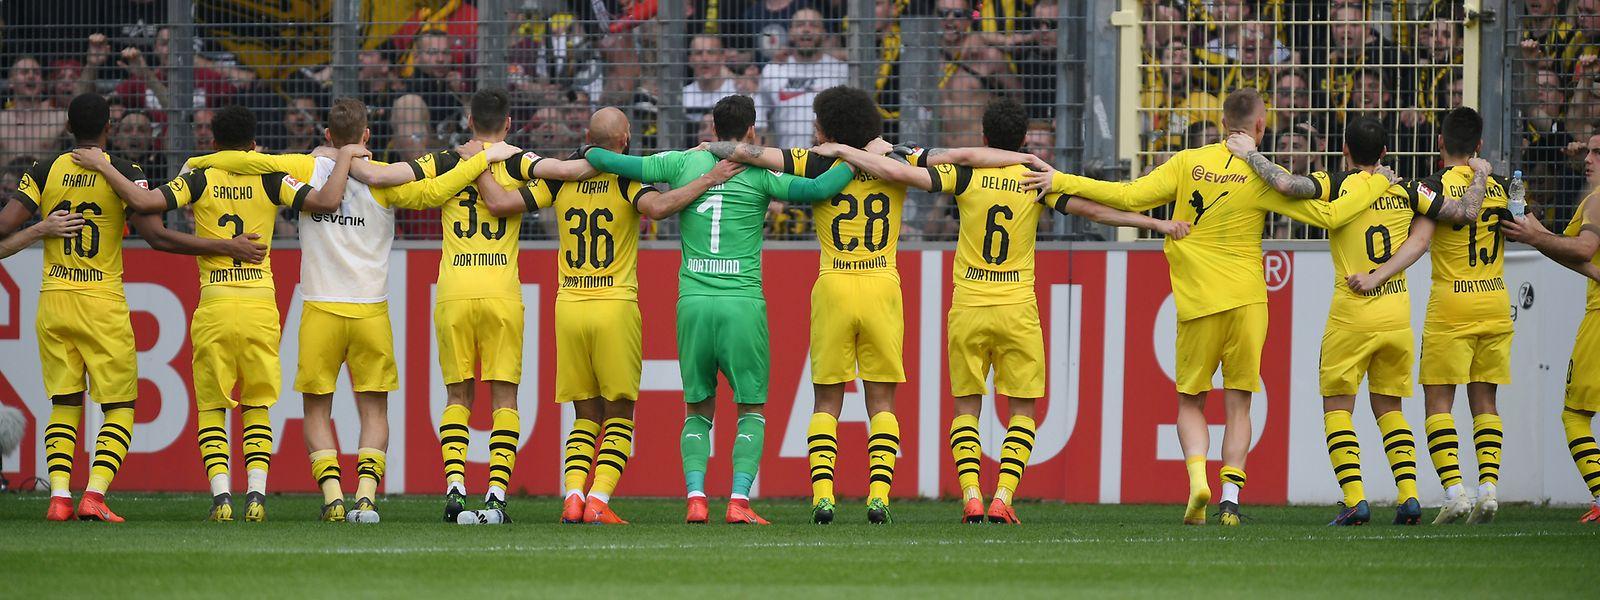 Die Mannschaft von Borussia Dortmund feiert einen souveränen Sieg in Freiburg.